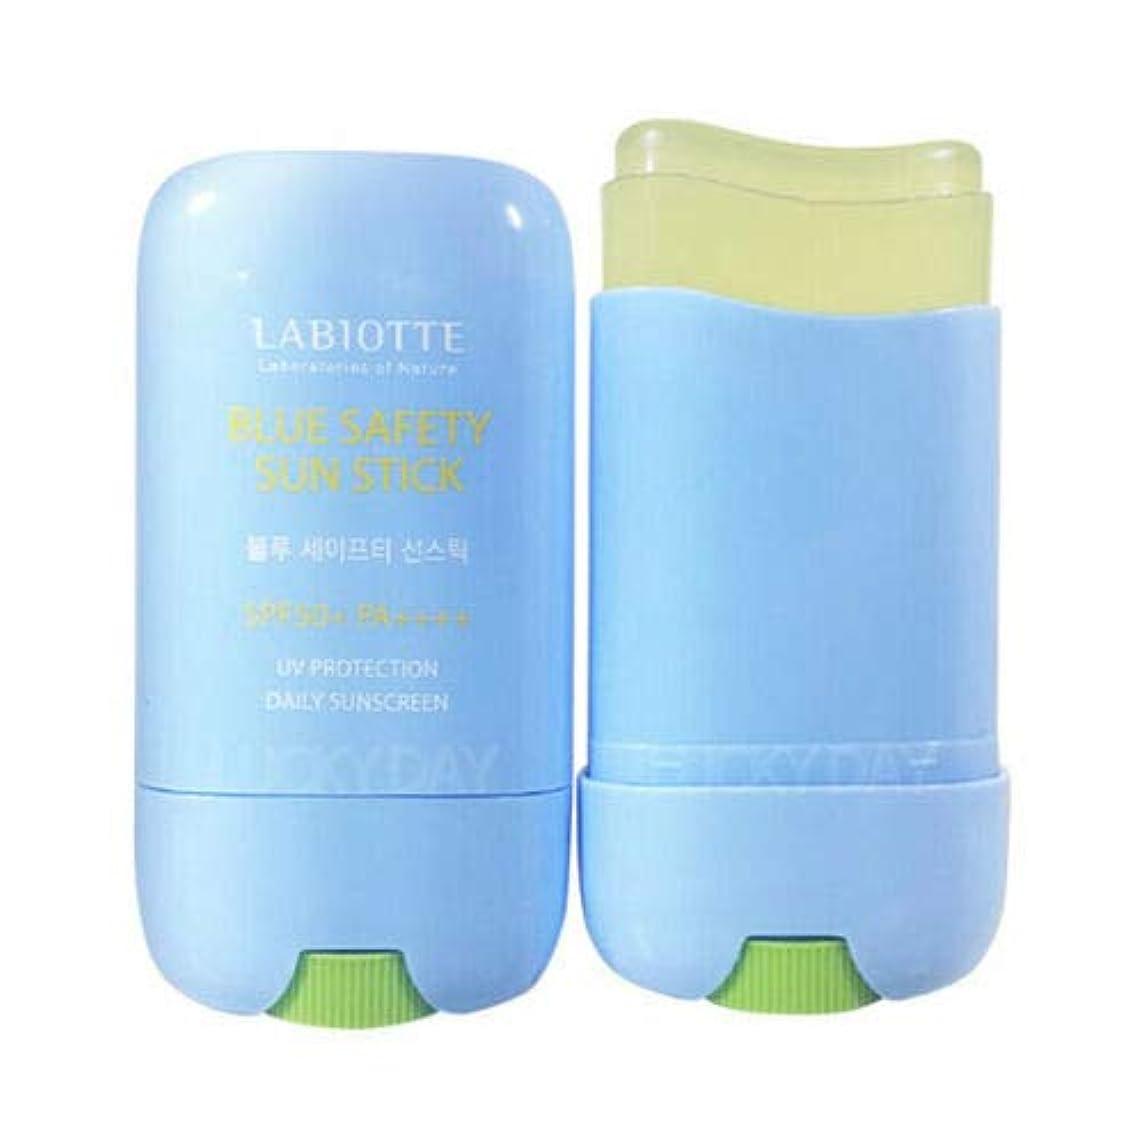 渦アンタゴニスト王子LABIOTTE ラビオッテ ブルーセーフティーサンスティック 25g SPF50+ PA++++ Blue Safety Sun Stick 韓国日焼け止め